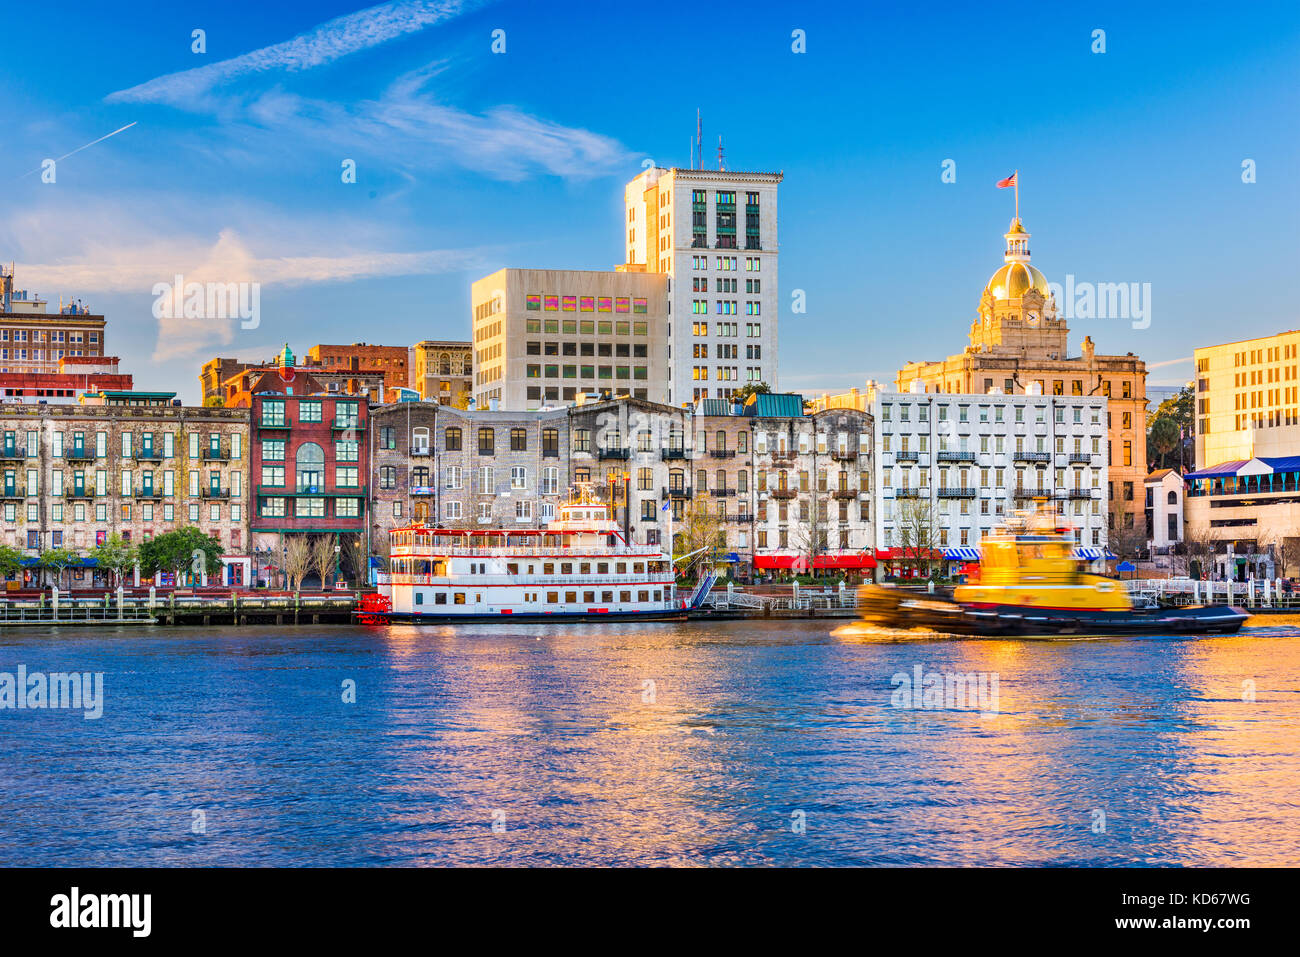 Savannah, Georgia, USA riverfront skyline. - Stock Image